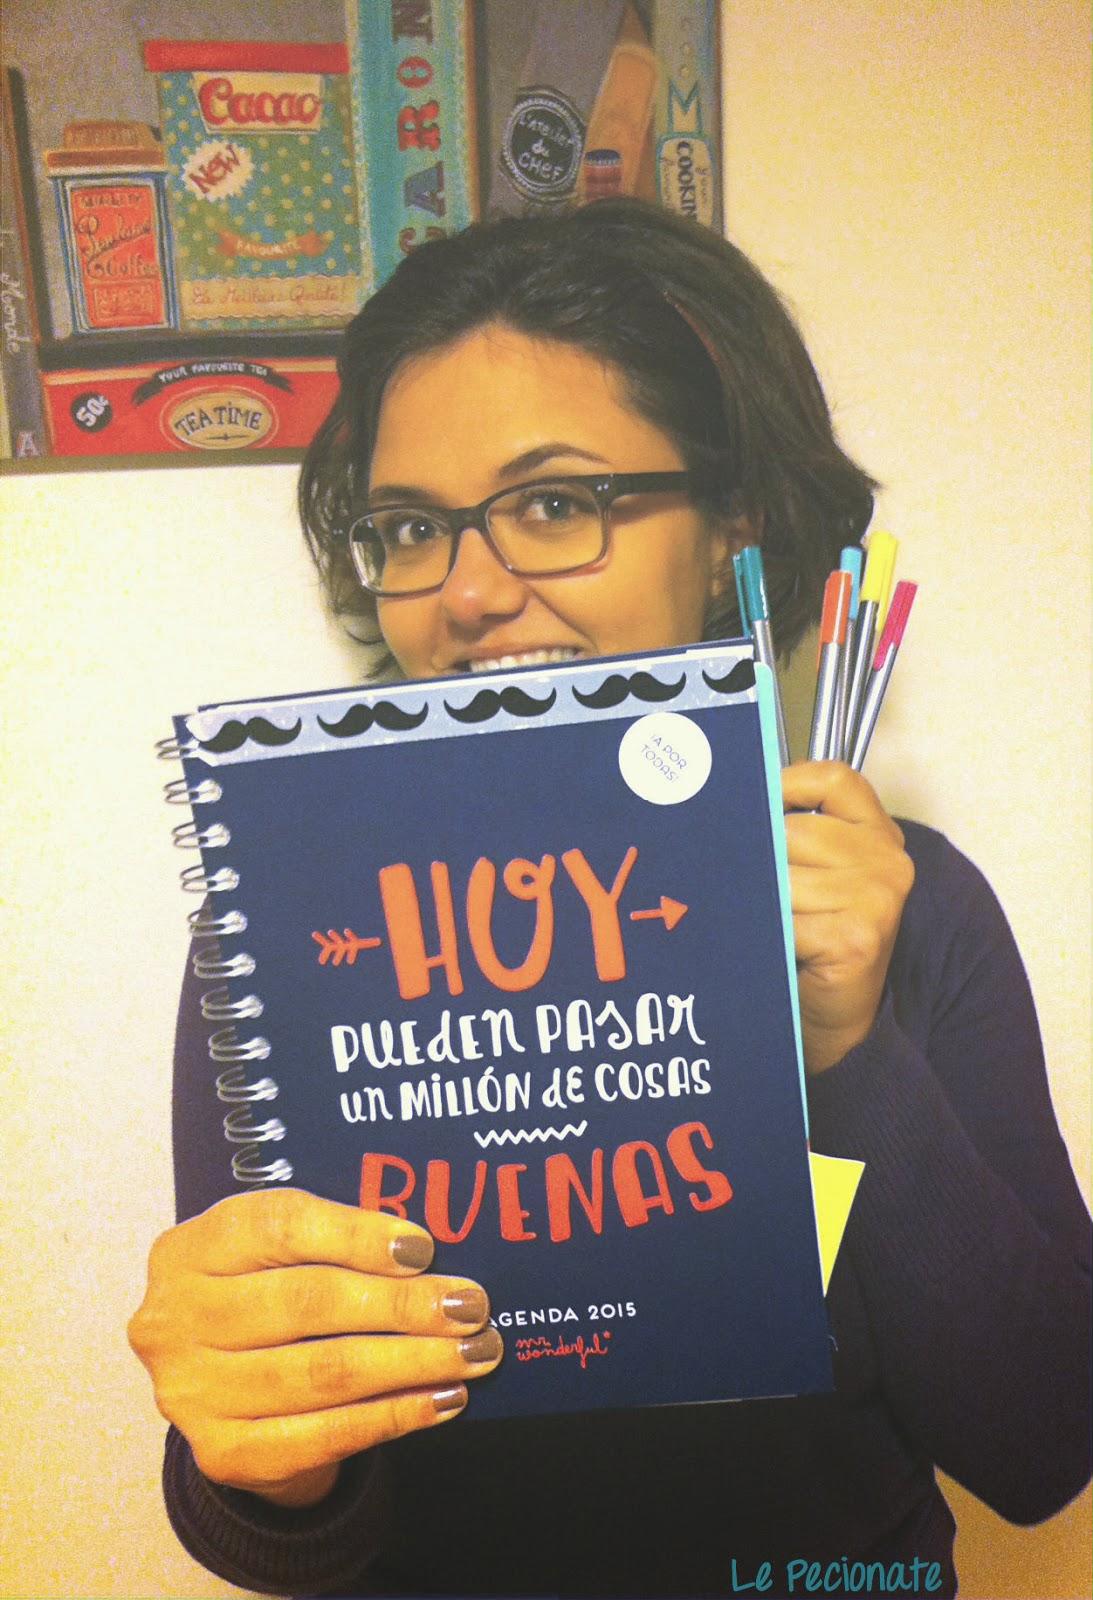 La mia agenda Mr Wonderful. Quest'anno possono succedere un milione di cose belle | pecionate.blogspot.com